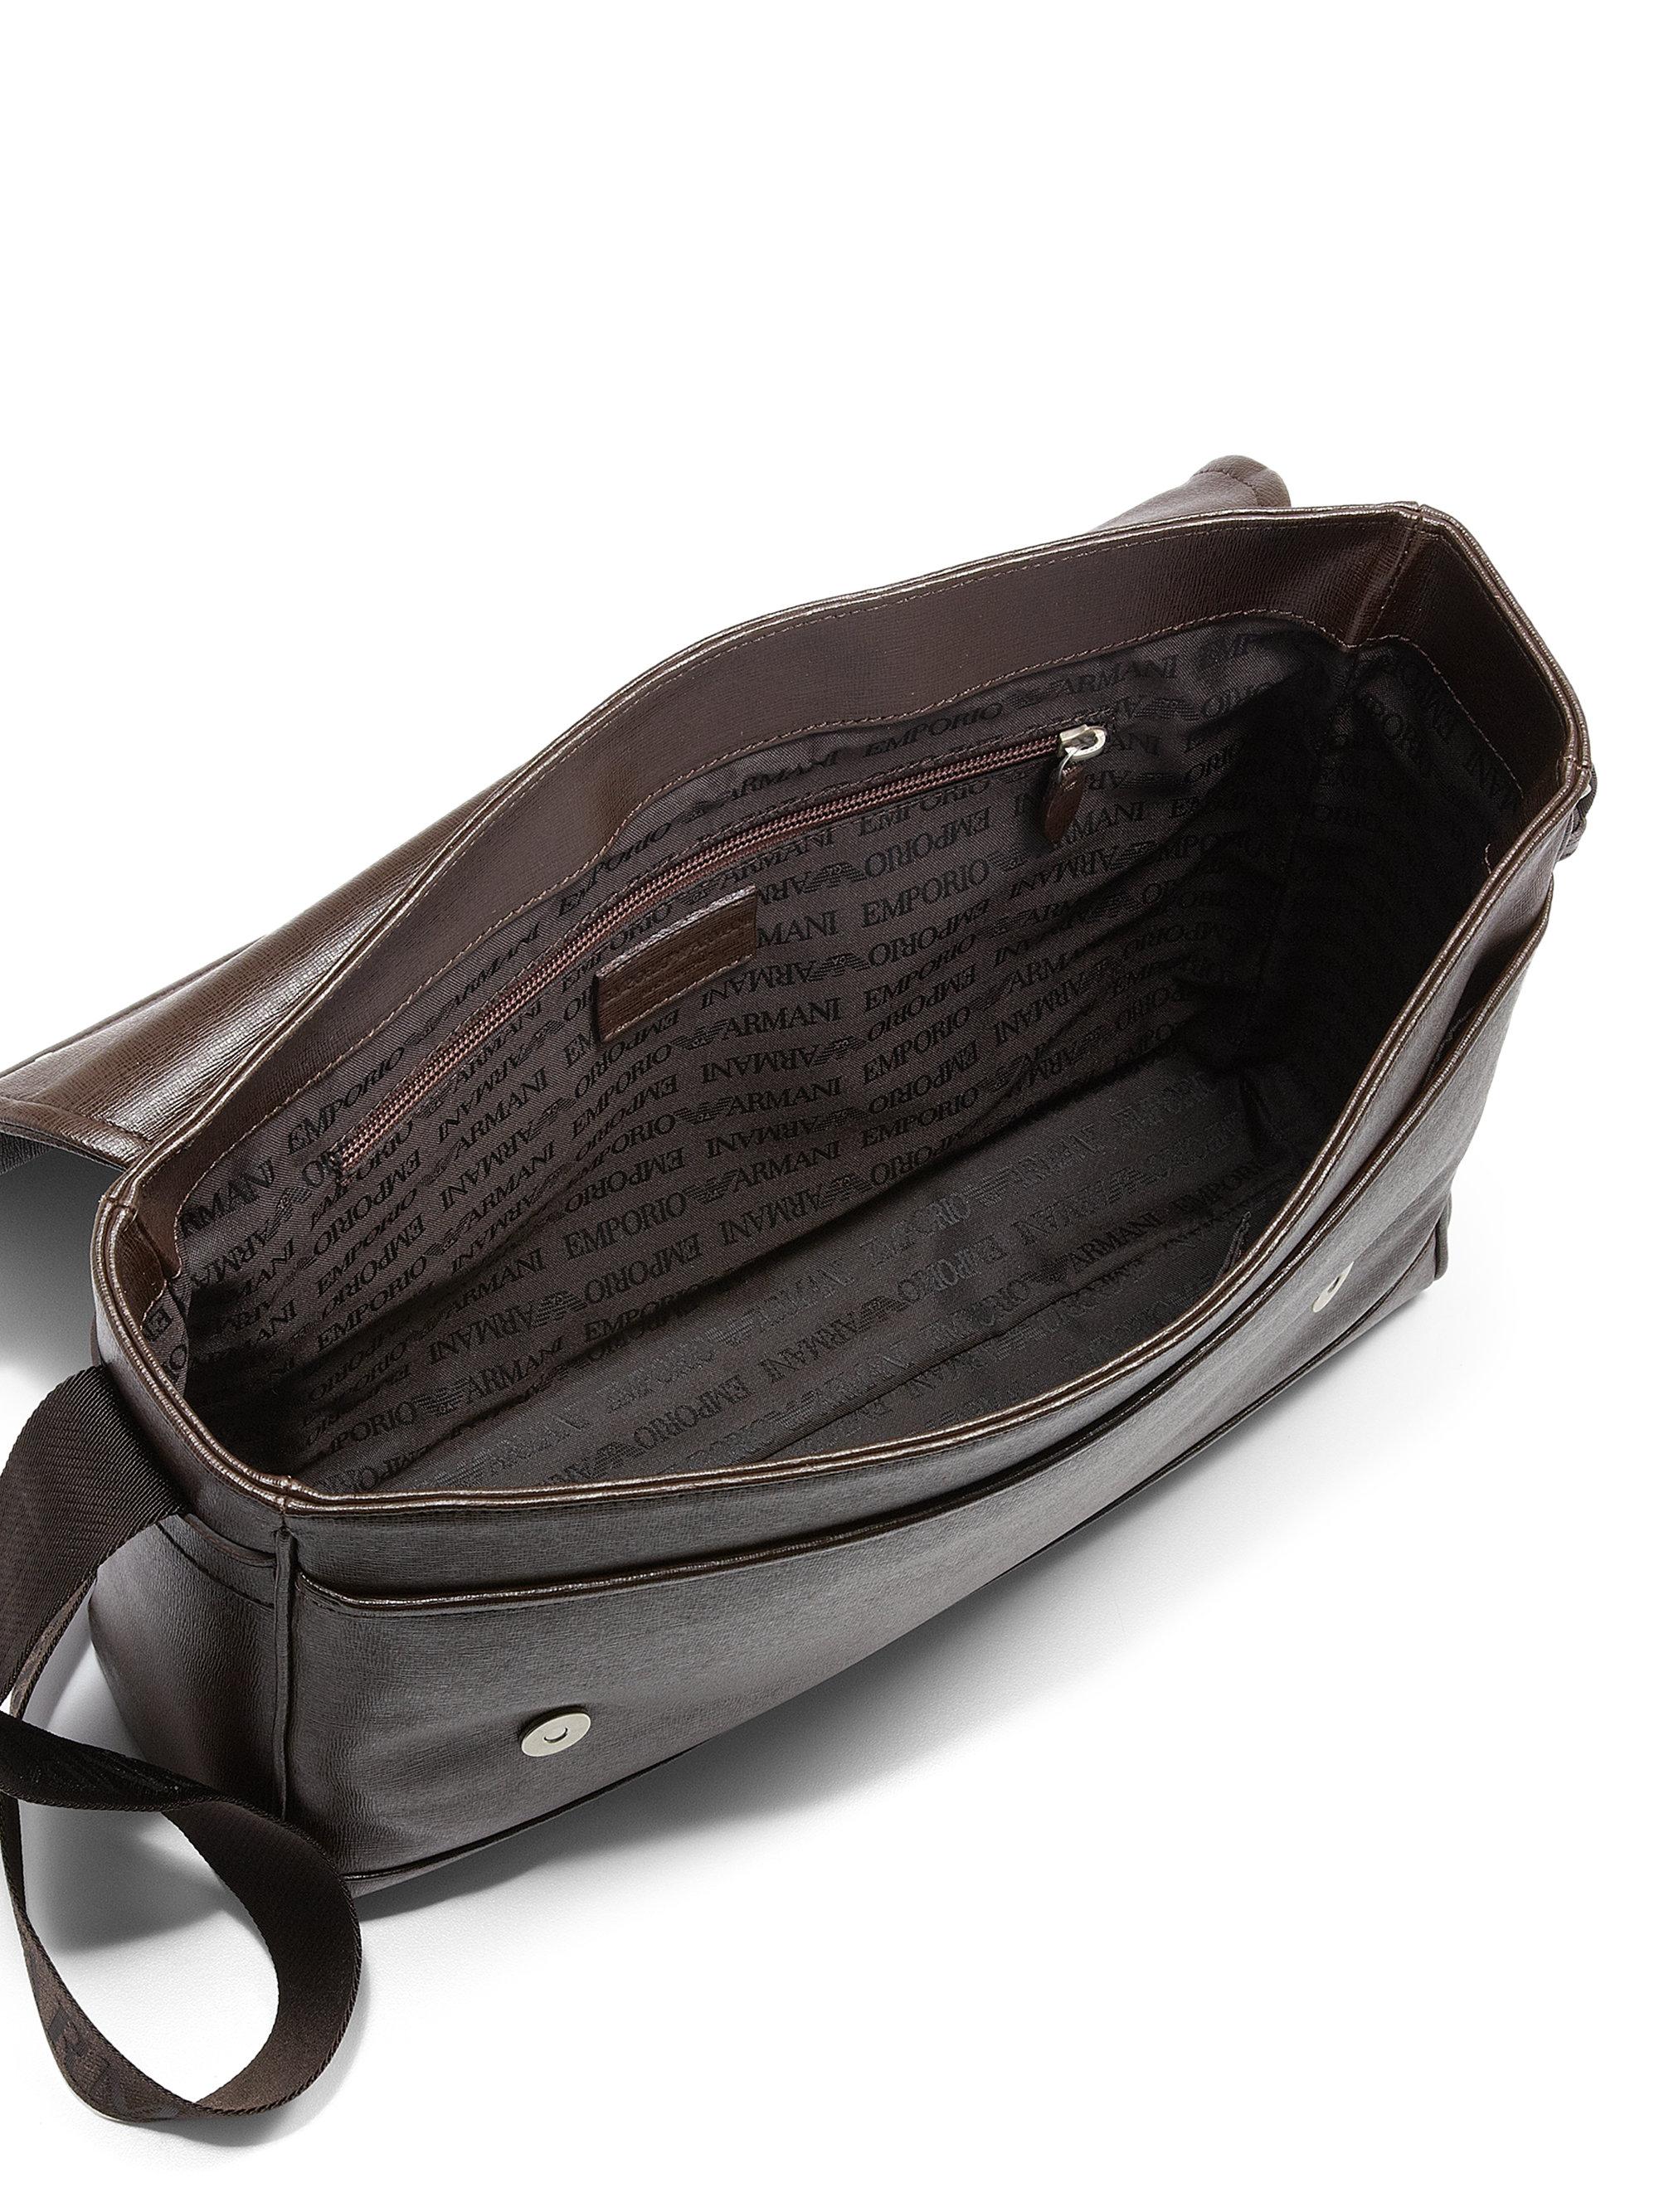 91318b29126 Emporio Armani Messenger Bag With Maxi Emblem Y4m180 Yg90j Scalia Emporio  Armani Messenger Bag Emporio Armani Embossed Quilted Logo Messenger Bag Men  ...